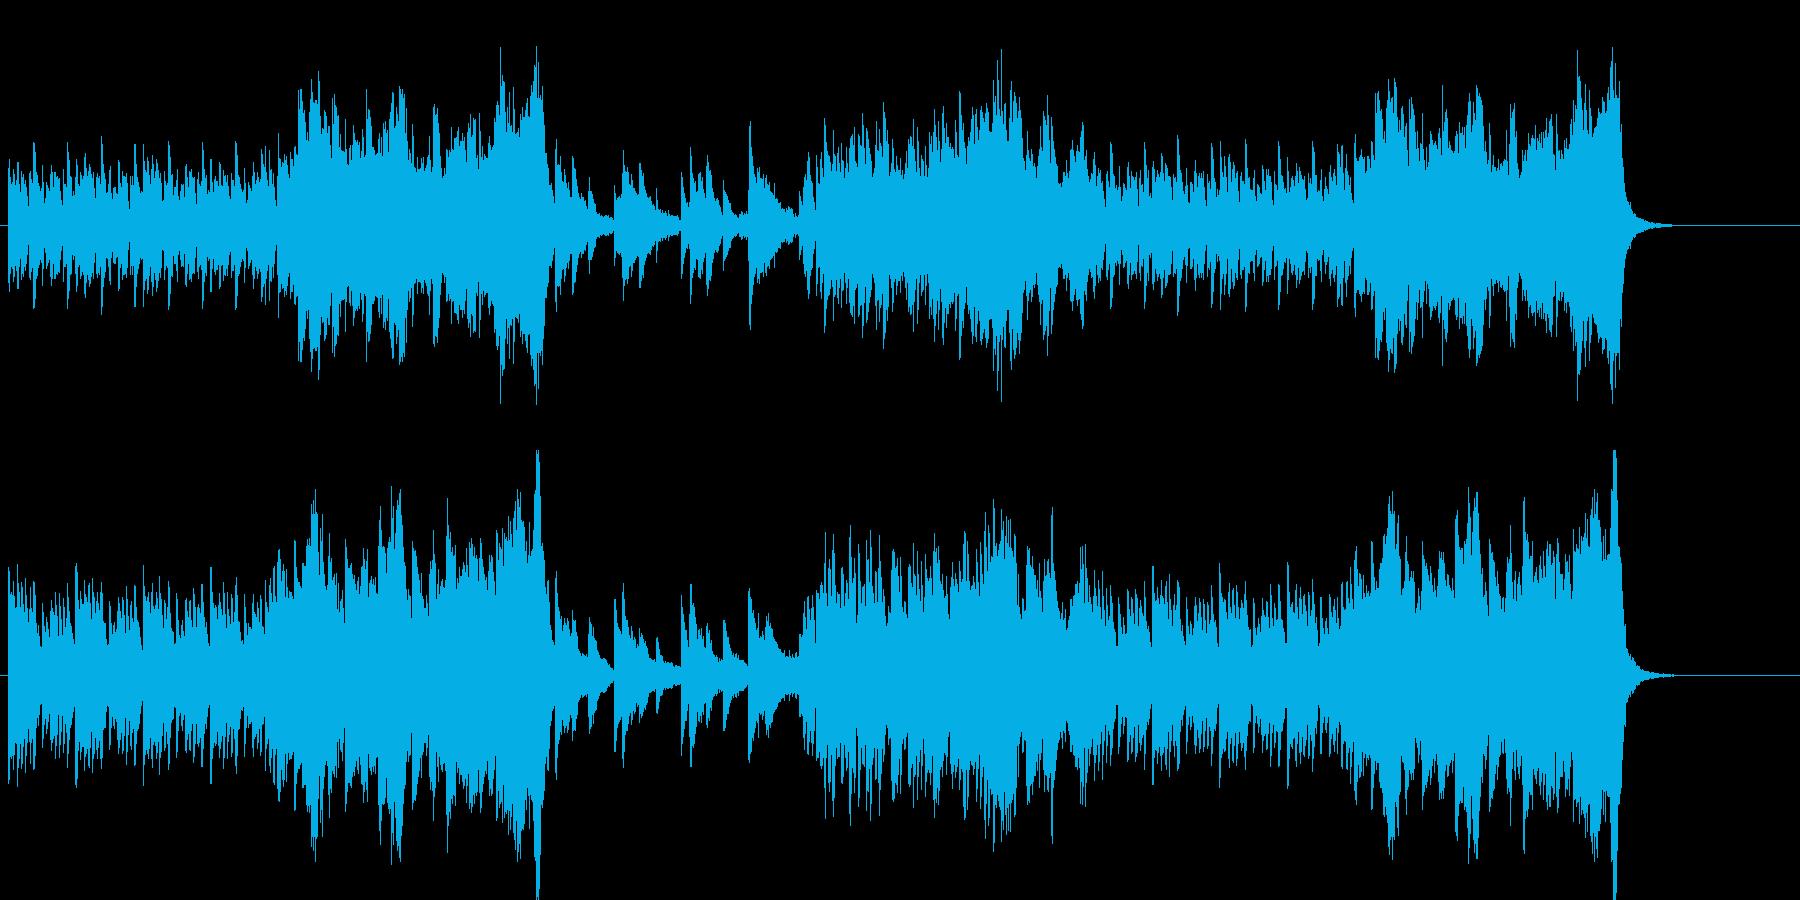 美しく爽やかなバラード曲の再生済みの波形